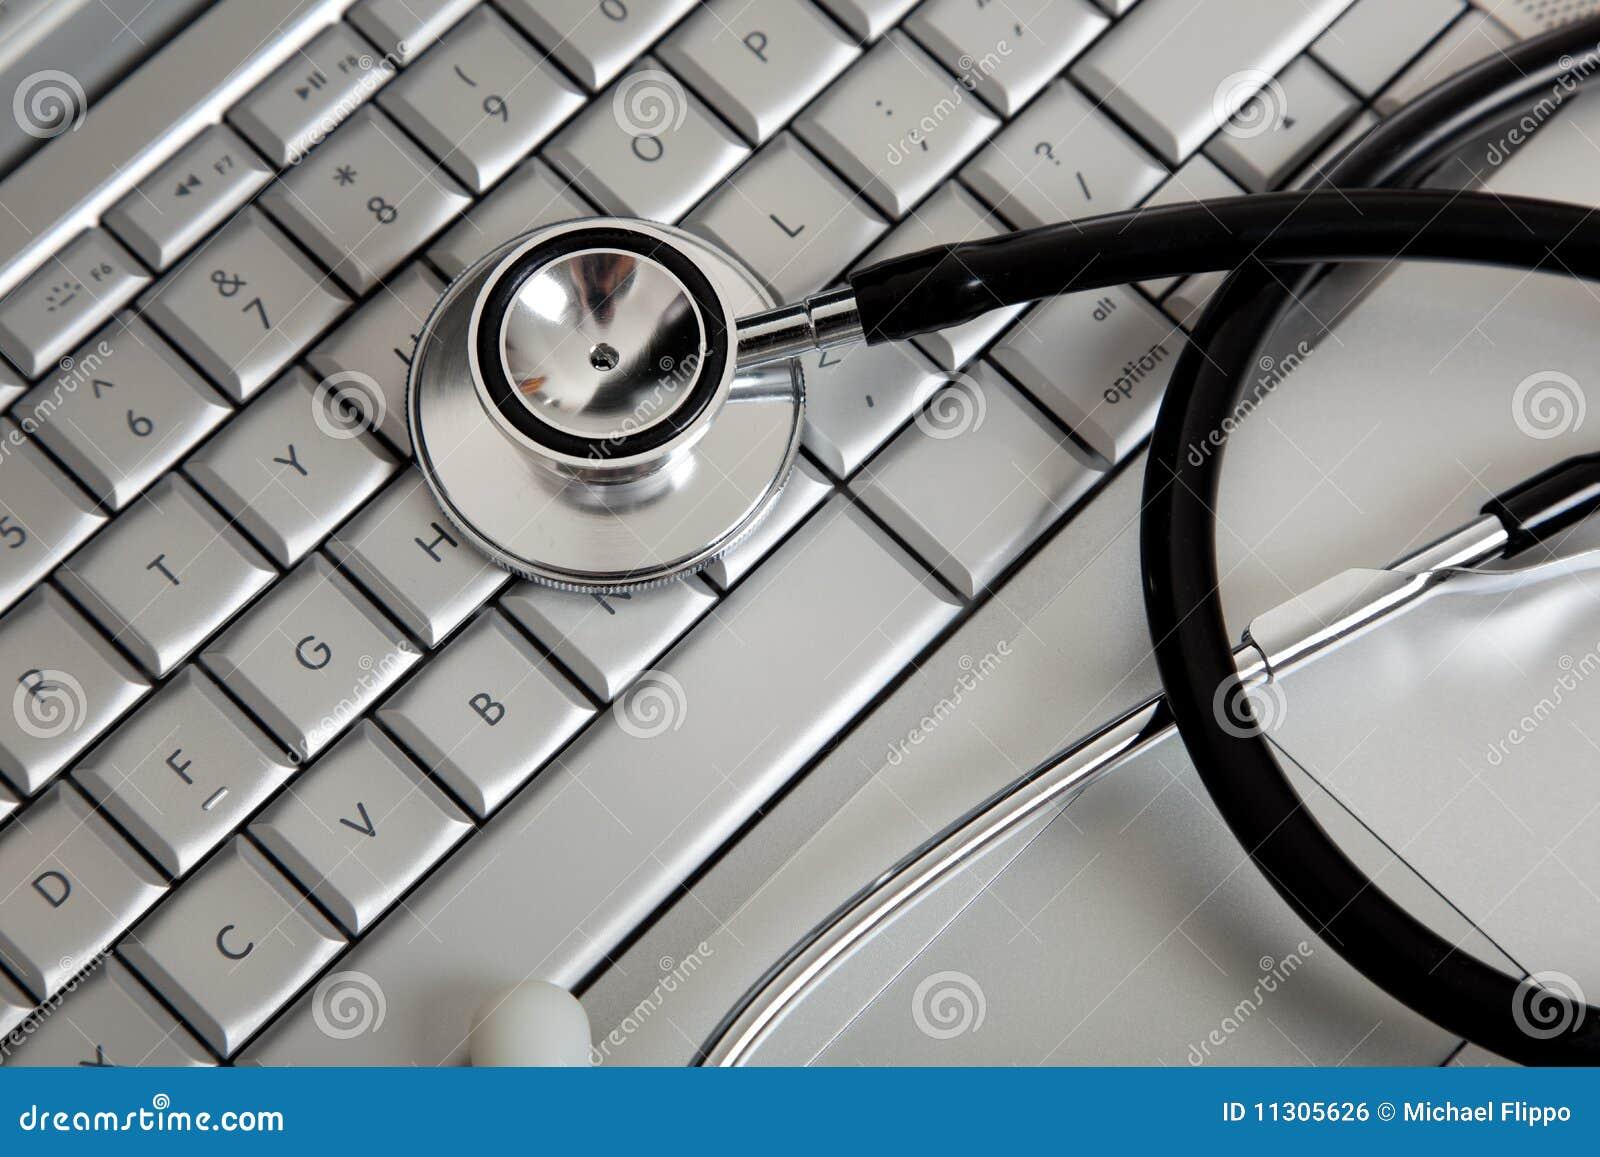 Ein Stethoskop auf einer Computertastatur